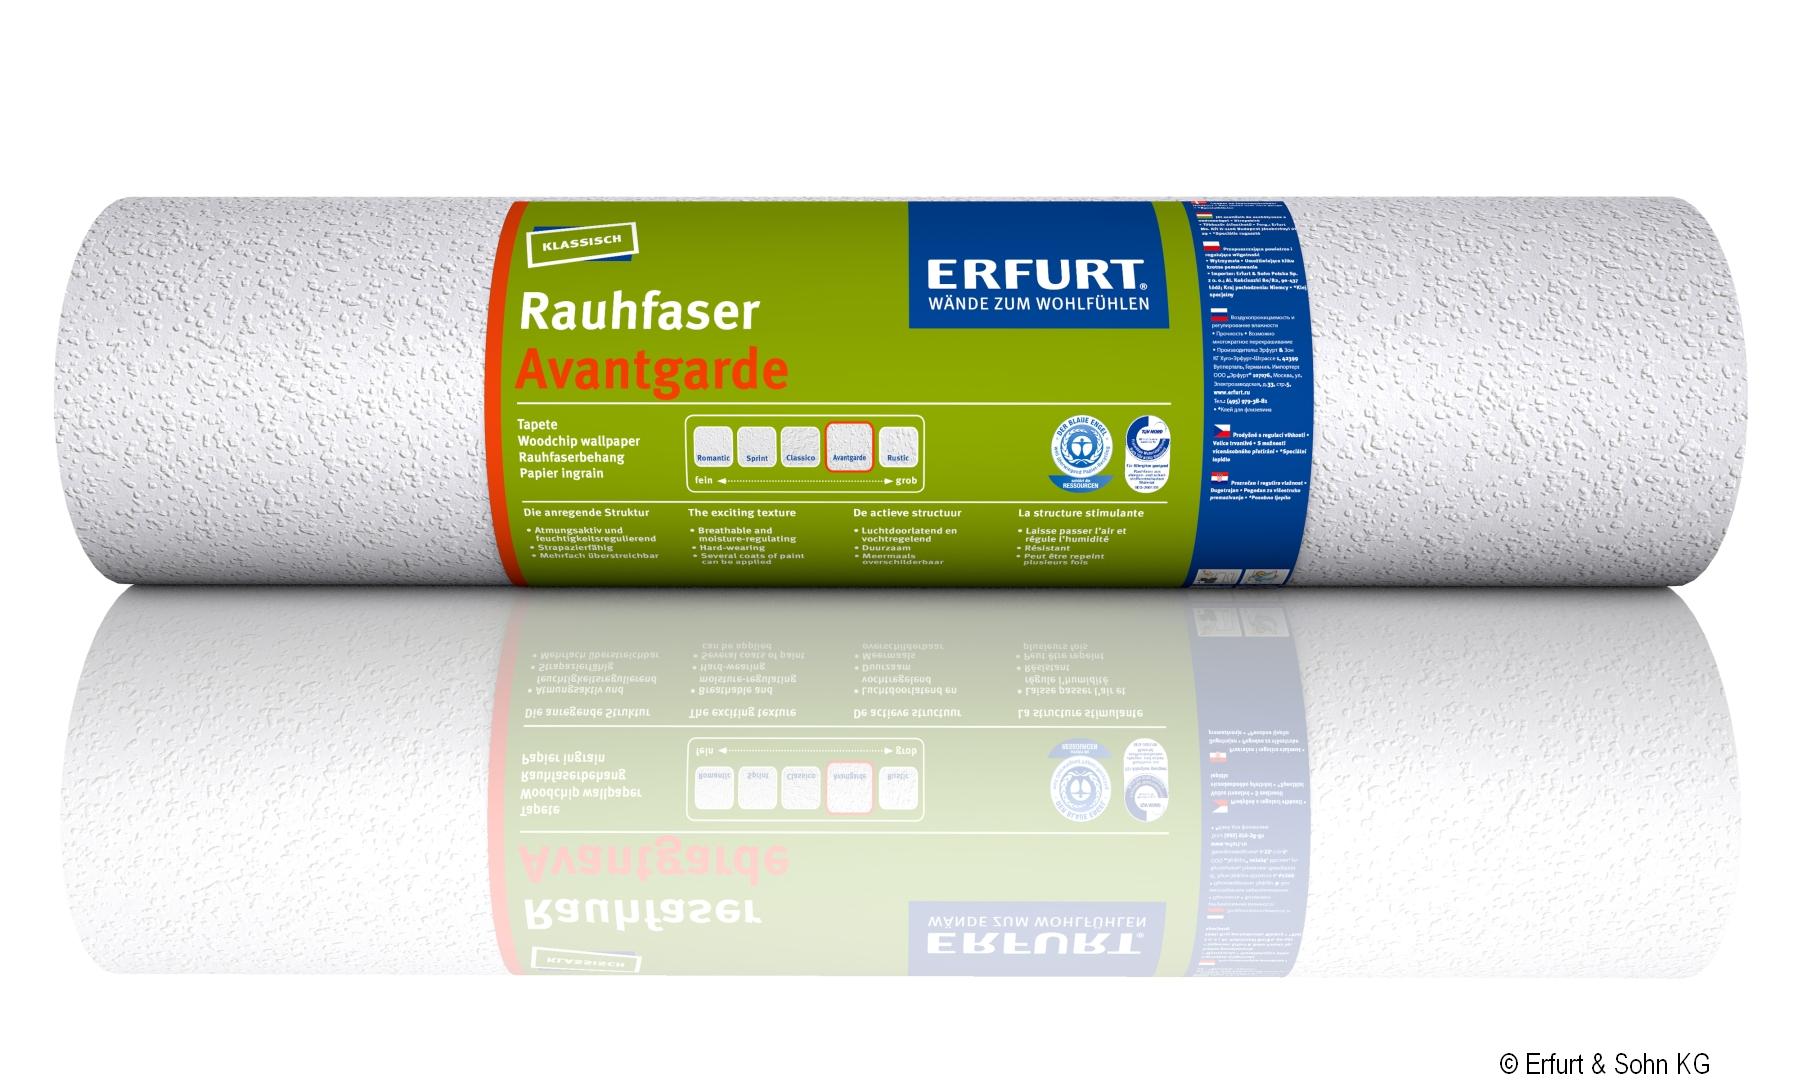 """ERFURT """"Das Original"""" Rauhfaser Tapete Avantgarde, anregende Struktur, 20 x 0,53 m, ausreichend für 10,6 m², 1 Rolle"""